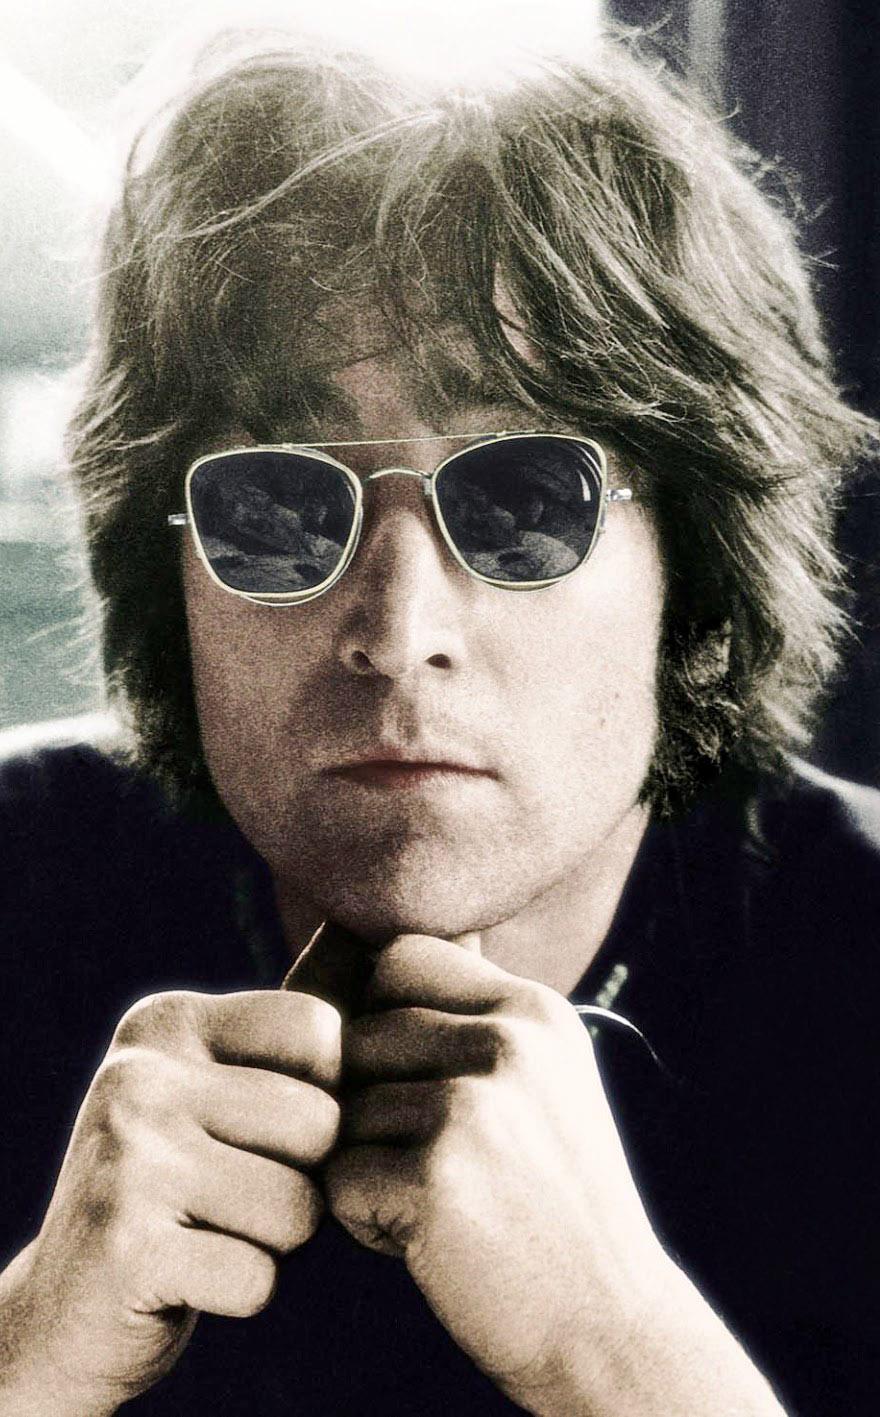 f60382643527a Esta semana, Yoko Ono adicionou ao YouTube vários vídeos clássicos de  canções da carreira solo de John Lennon que já estavam de fora.